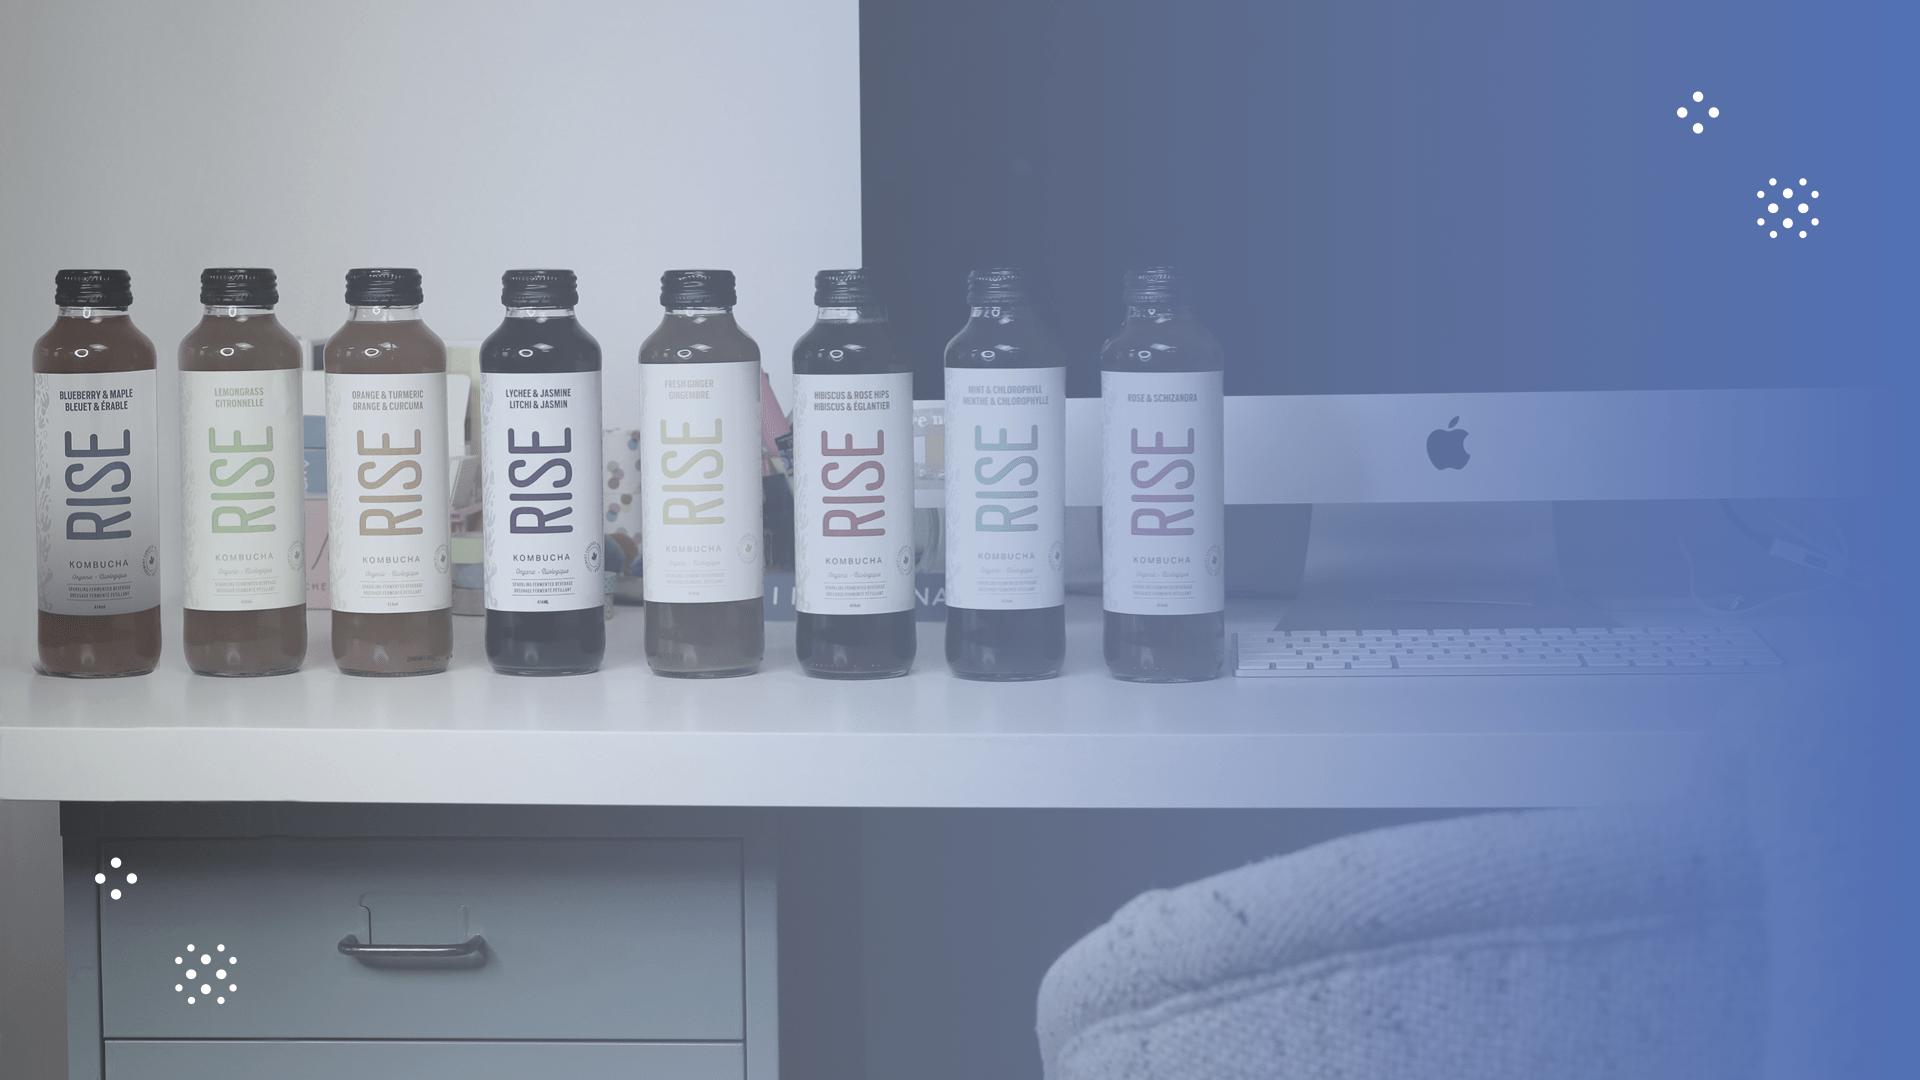 RISE kombucha bottles lined up on desk